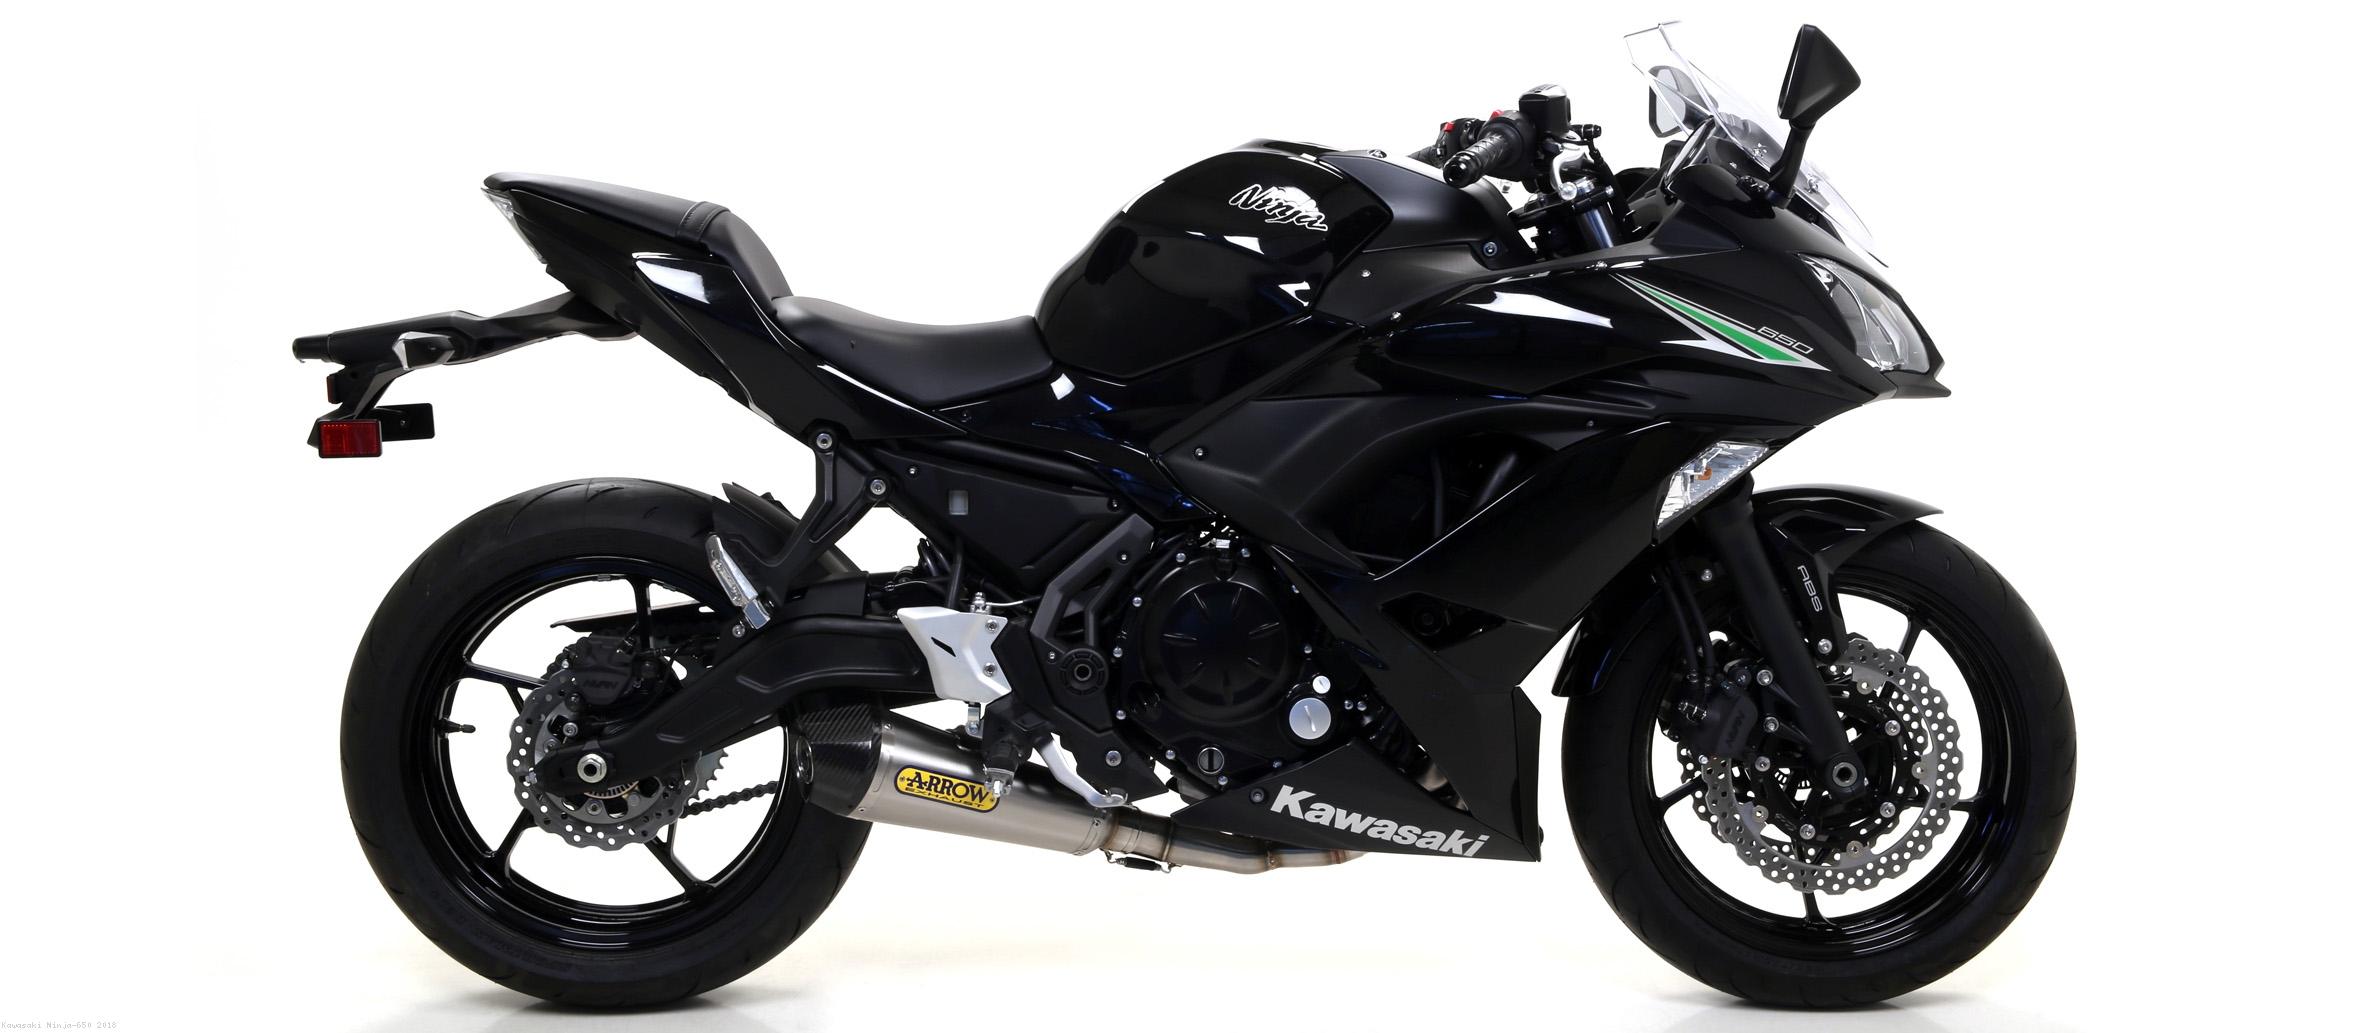 X Kone Nichrom Full System Exhaust By Arrow Kawasaki